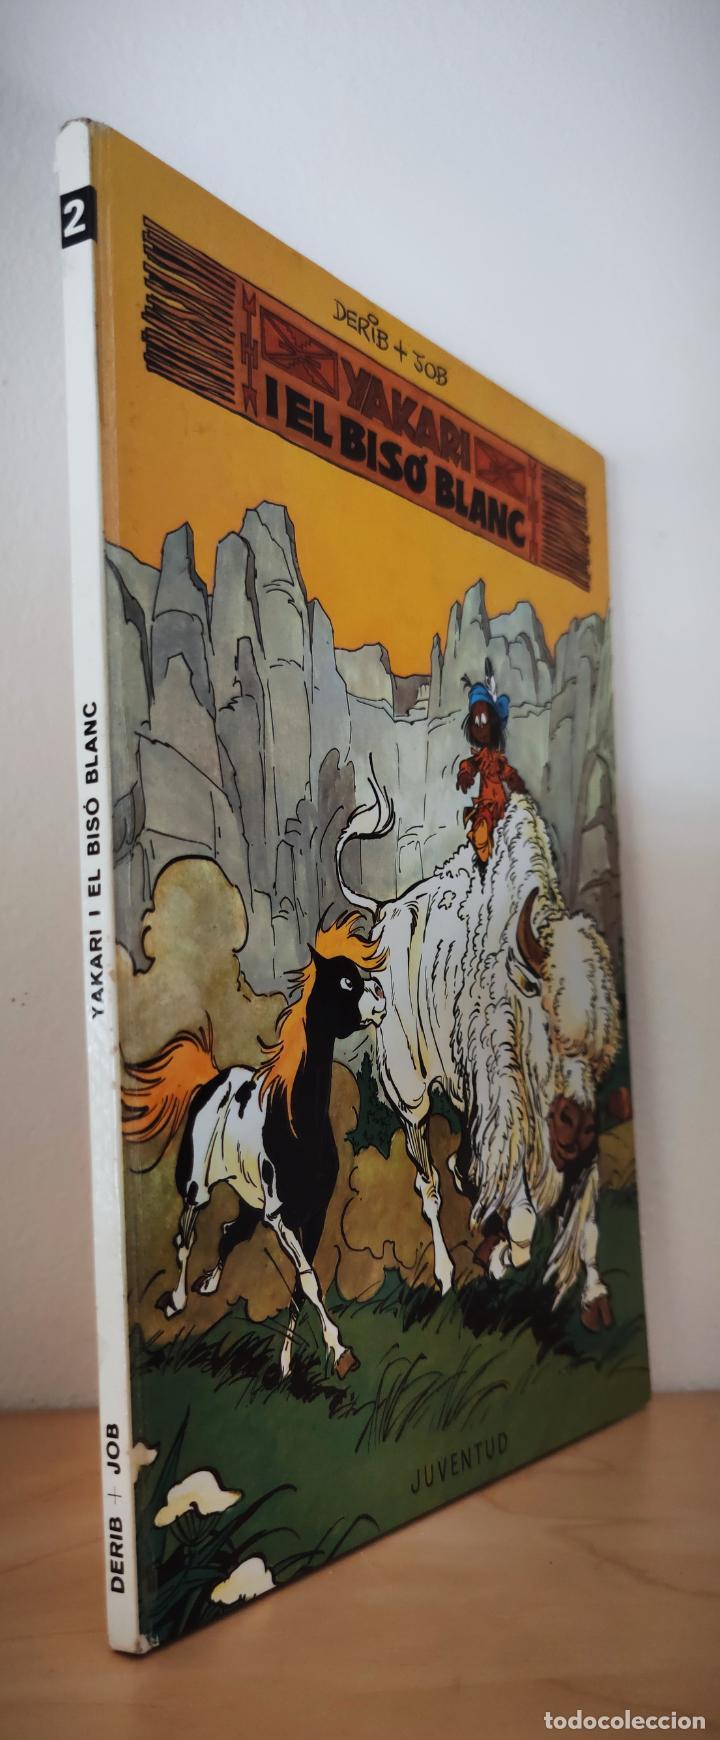 Cómics: YAKARI Nº 2 EL BISÓ BLANC - TAPA DURA JOVENTUT - CATALAN 1979 - DERIB + JOB - Foto 2 - 232030025